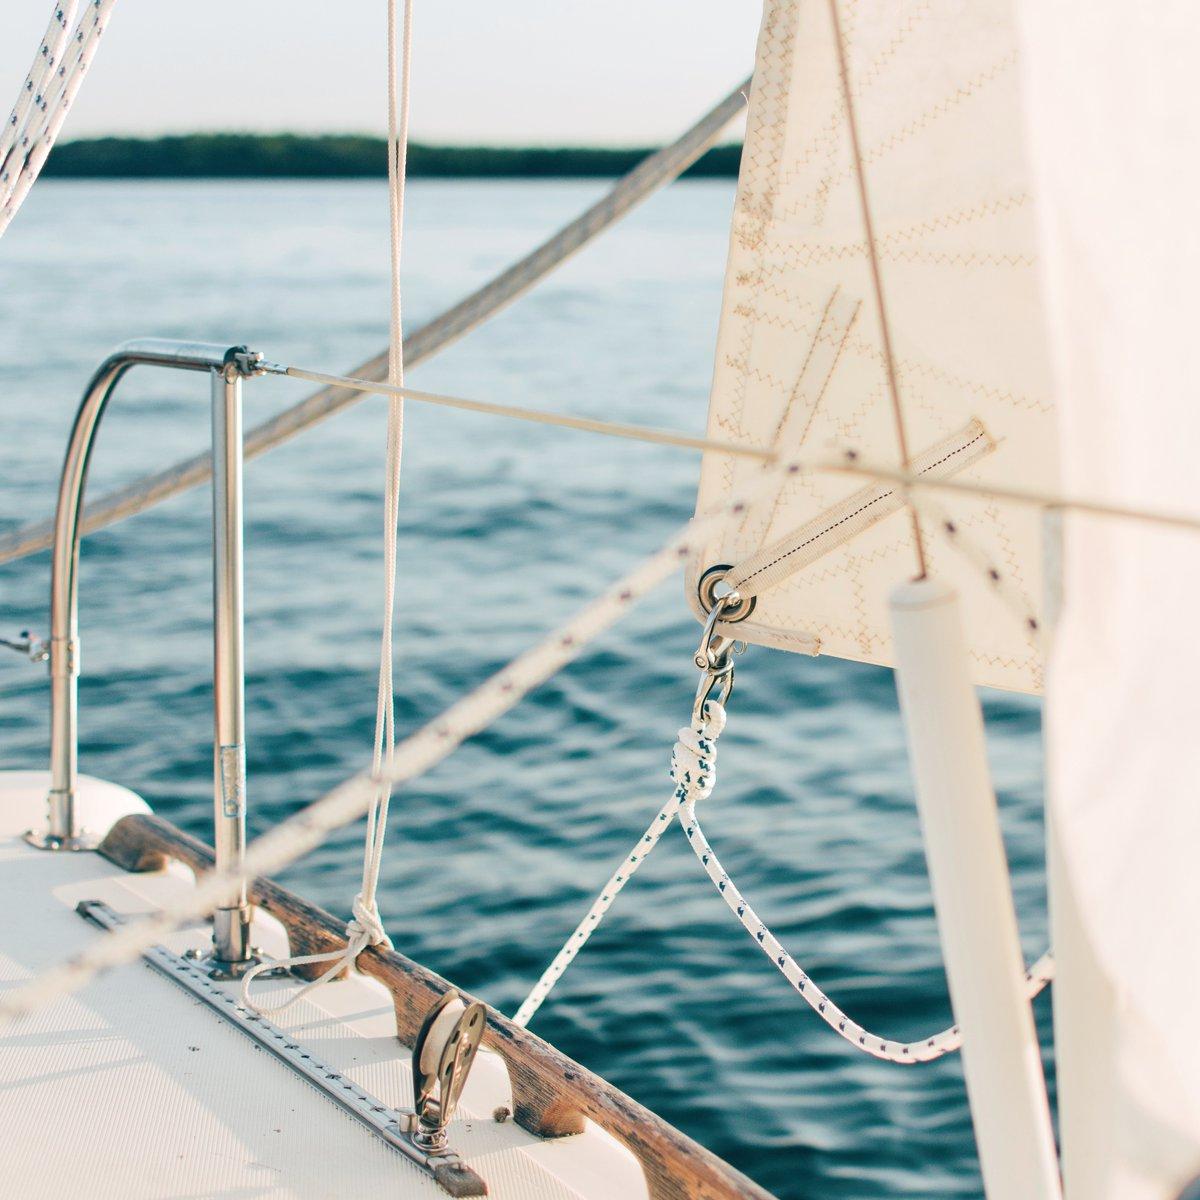 Krassen voorkomen aan je boot van schurende fenders middels onze Fenderfolie! Meer informatie over ons product via de link in de bio! #zeilen #varen #zomer #zwemmen #summer #picoftheday #captain, #motorboot #zeilboot #sloep #jacht #fenderfolie